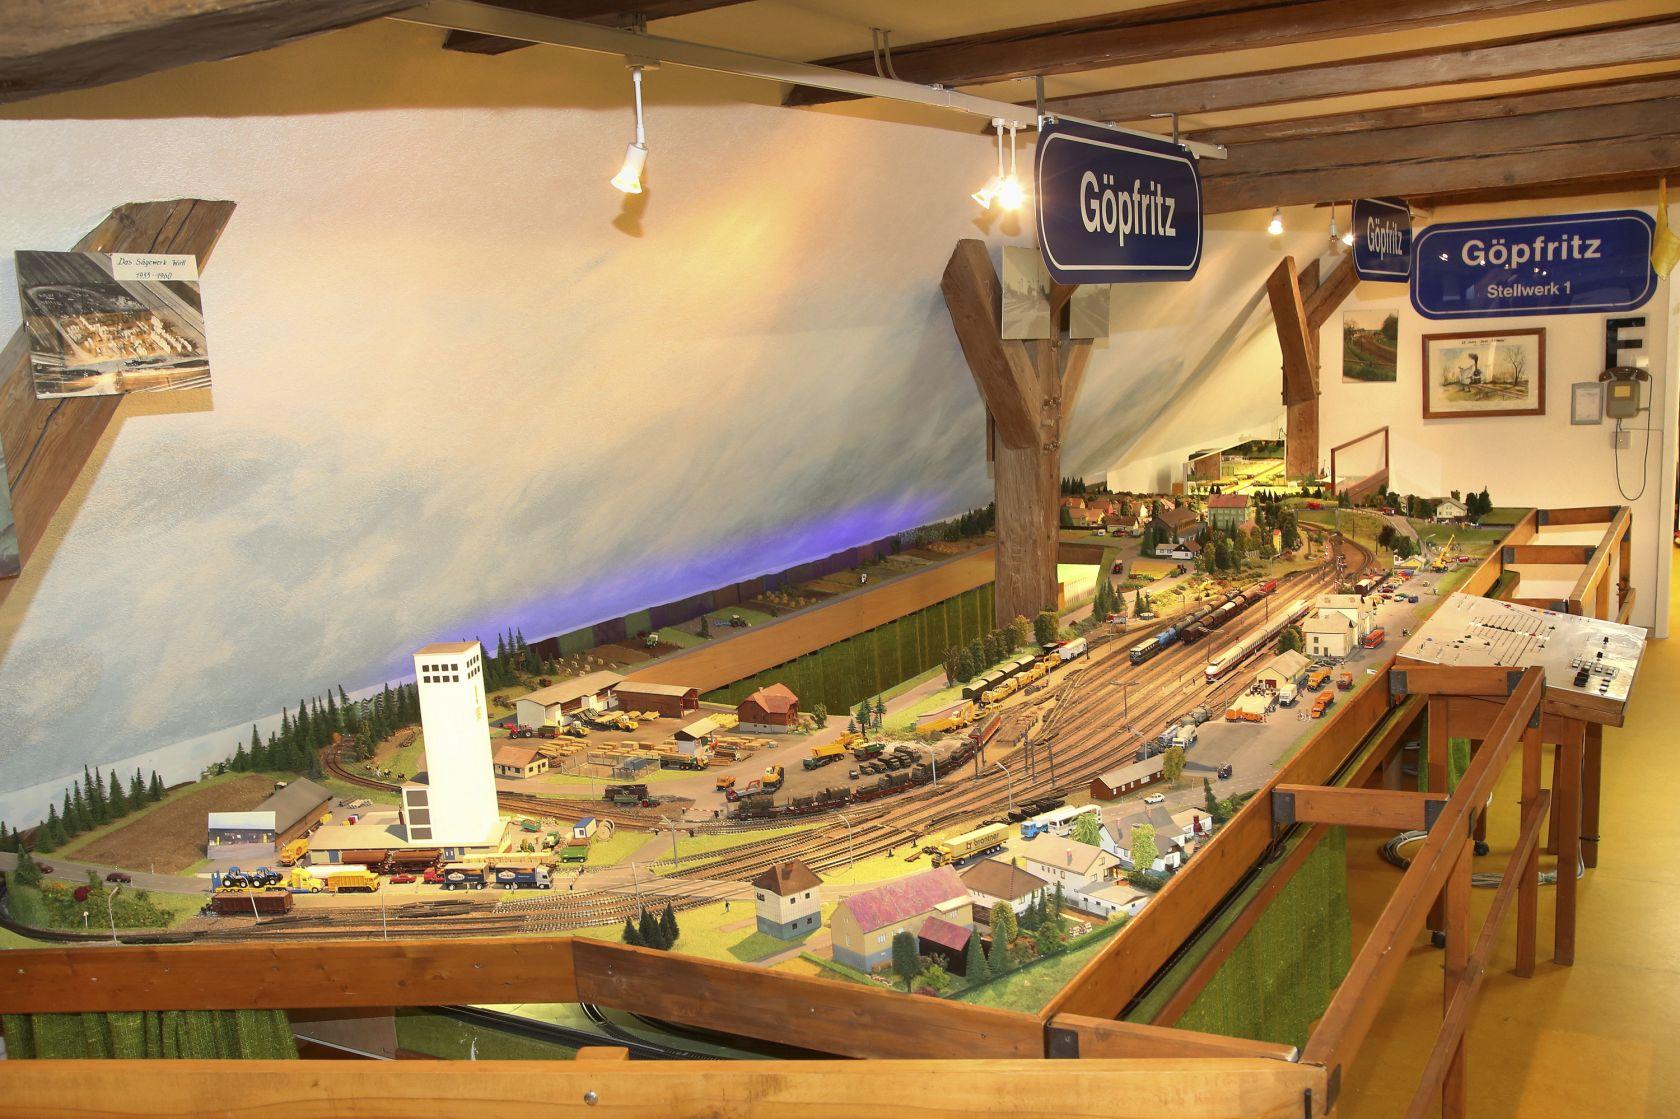 Thayarunde-Modellbahnhof Göpfritz